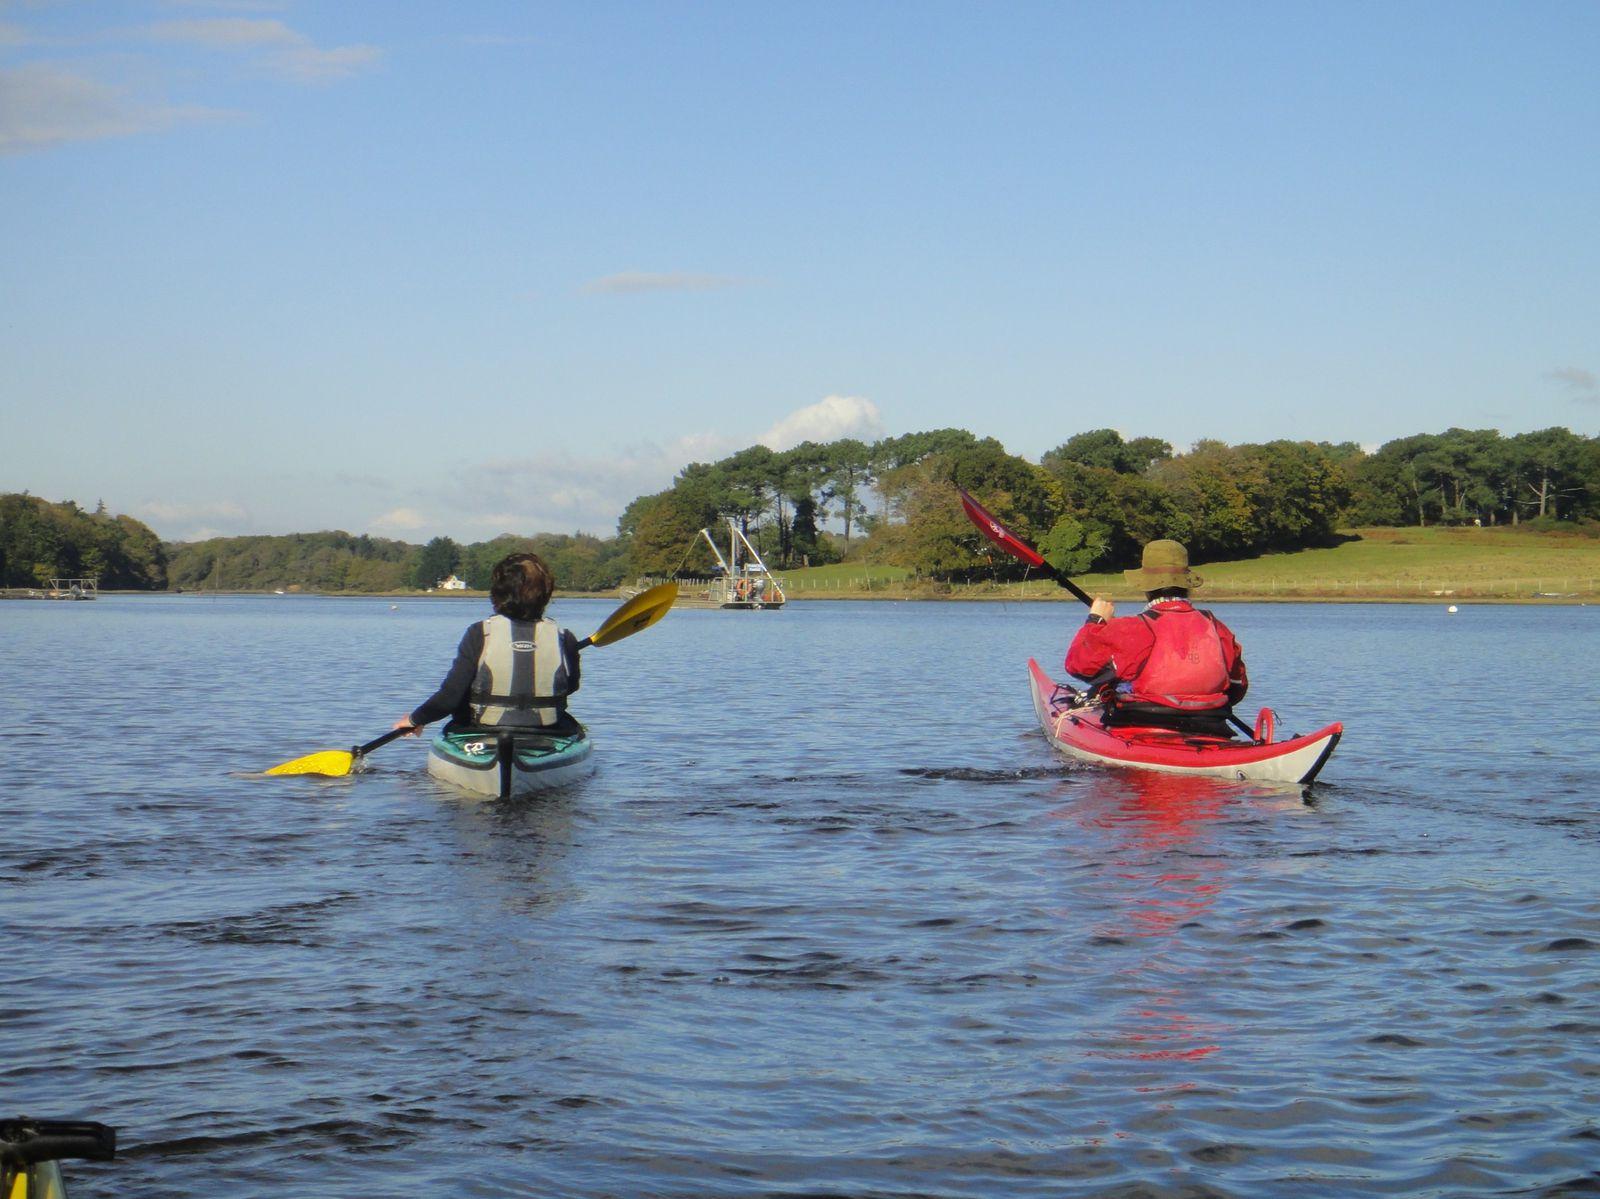 Rando kayak Saint-Cado Nostang - 6 novembre 2012